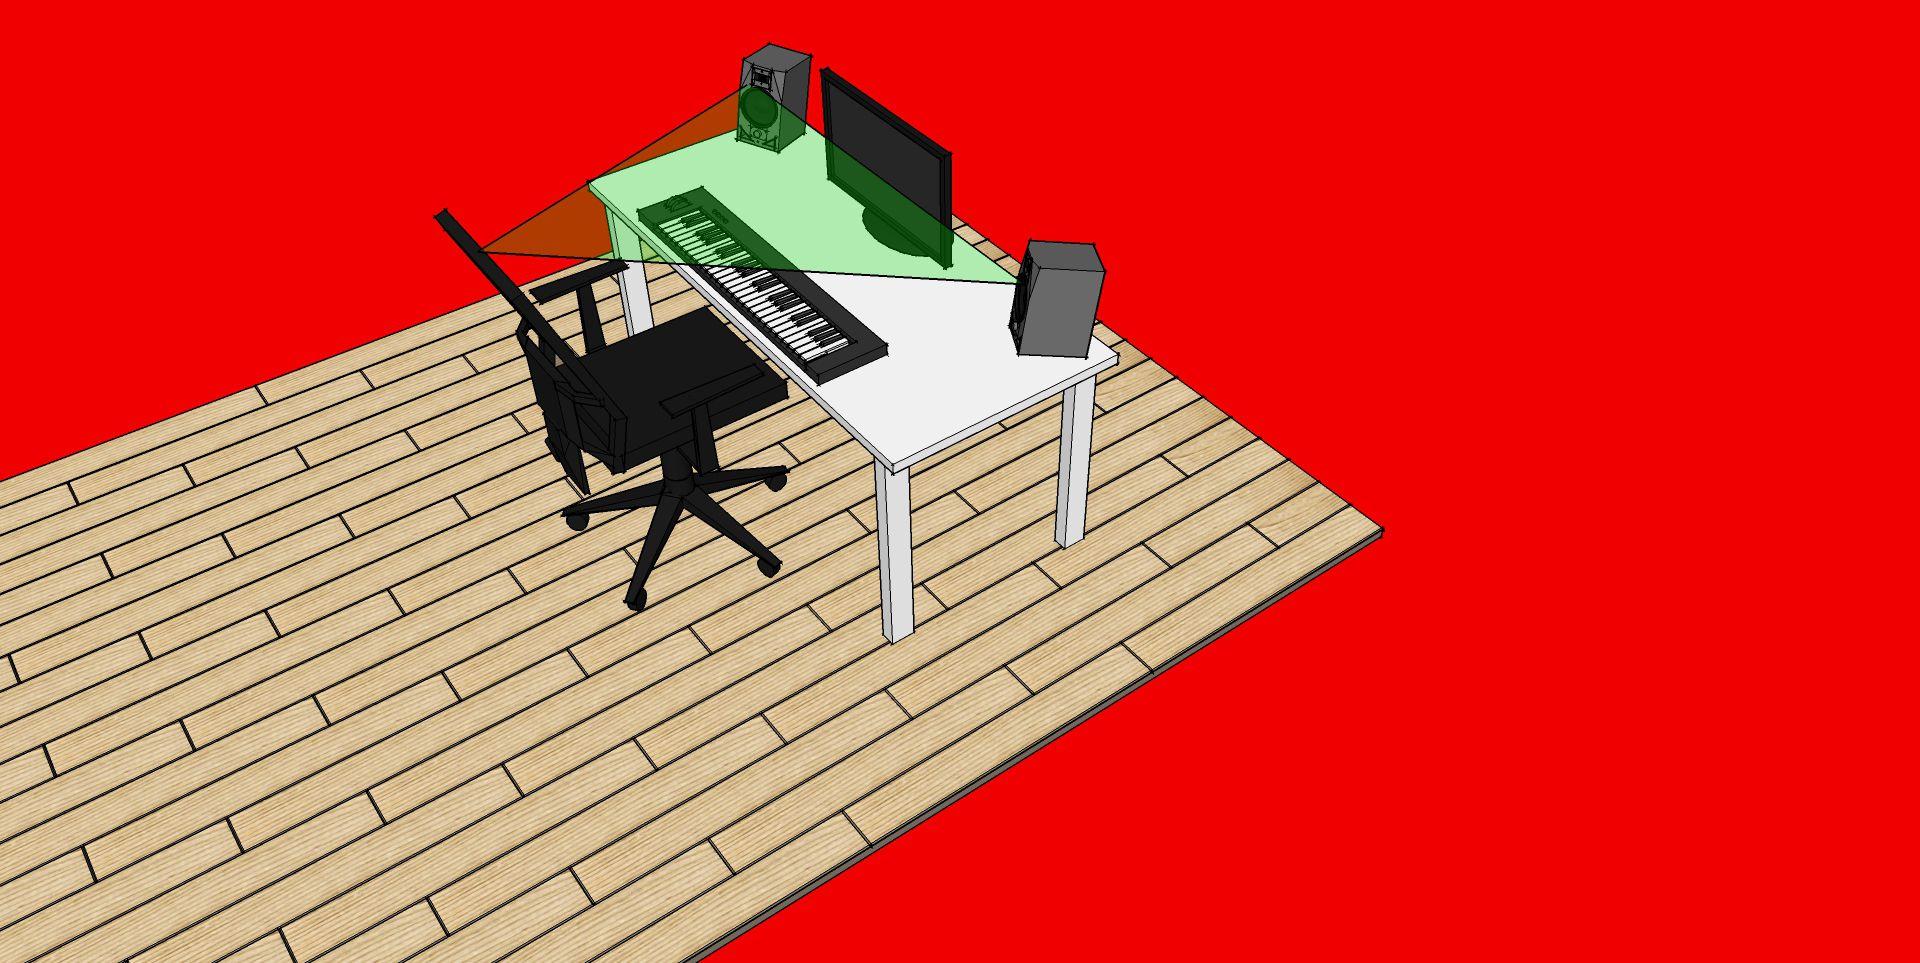 Part_1_Fig_5_Samll_Room_Speaker_Set_Up.jpg